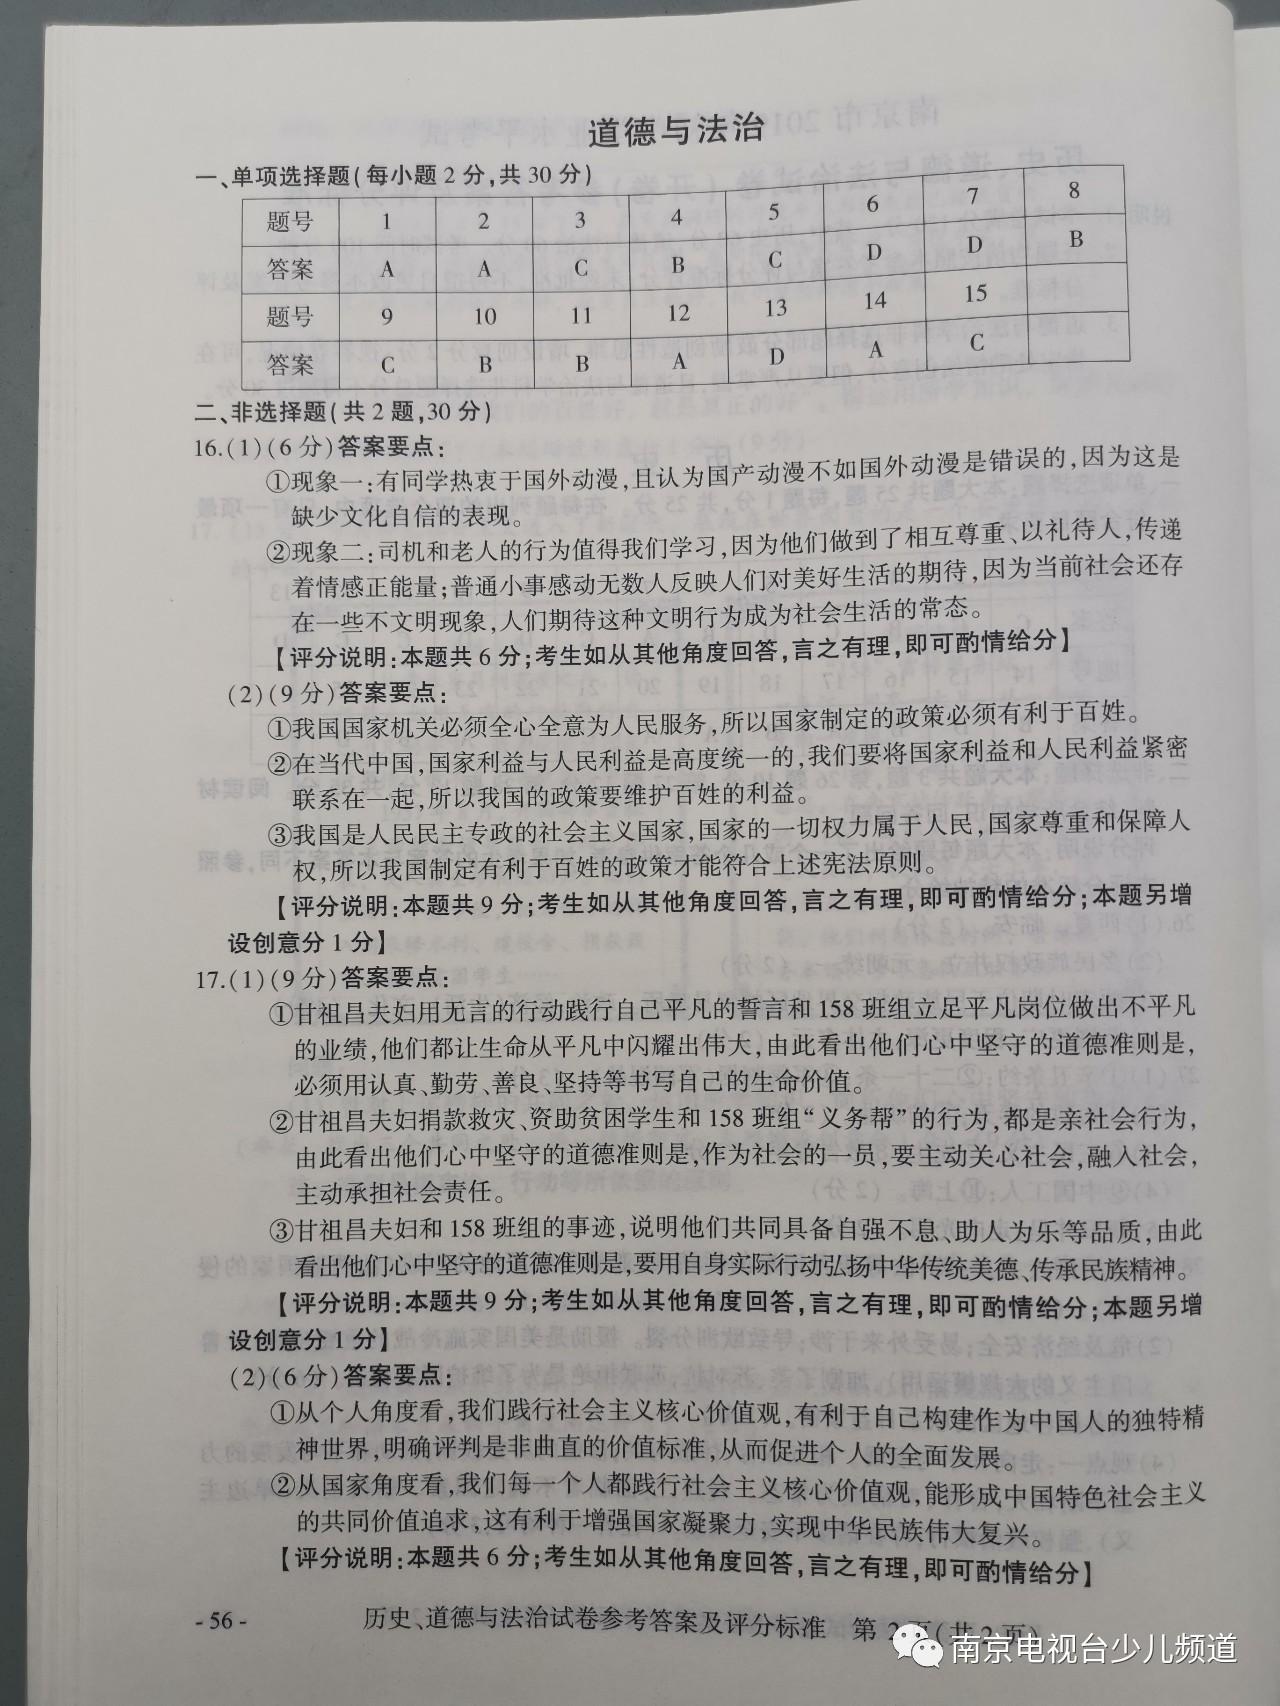 2019年江苏南京中考政治真题参考答案